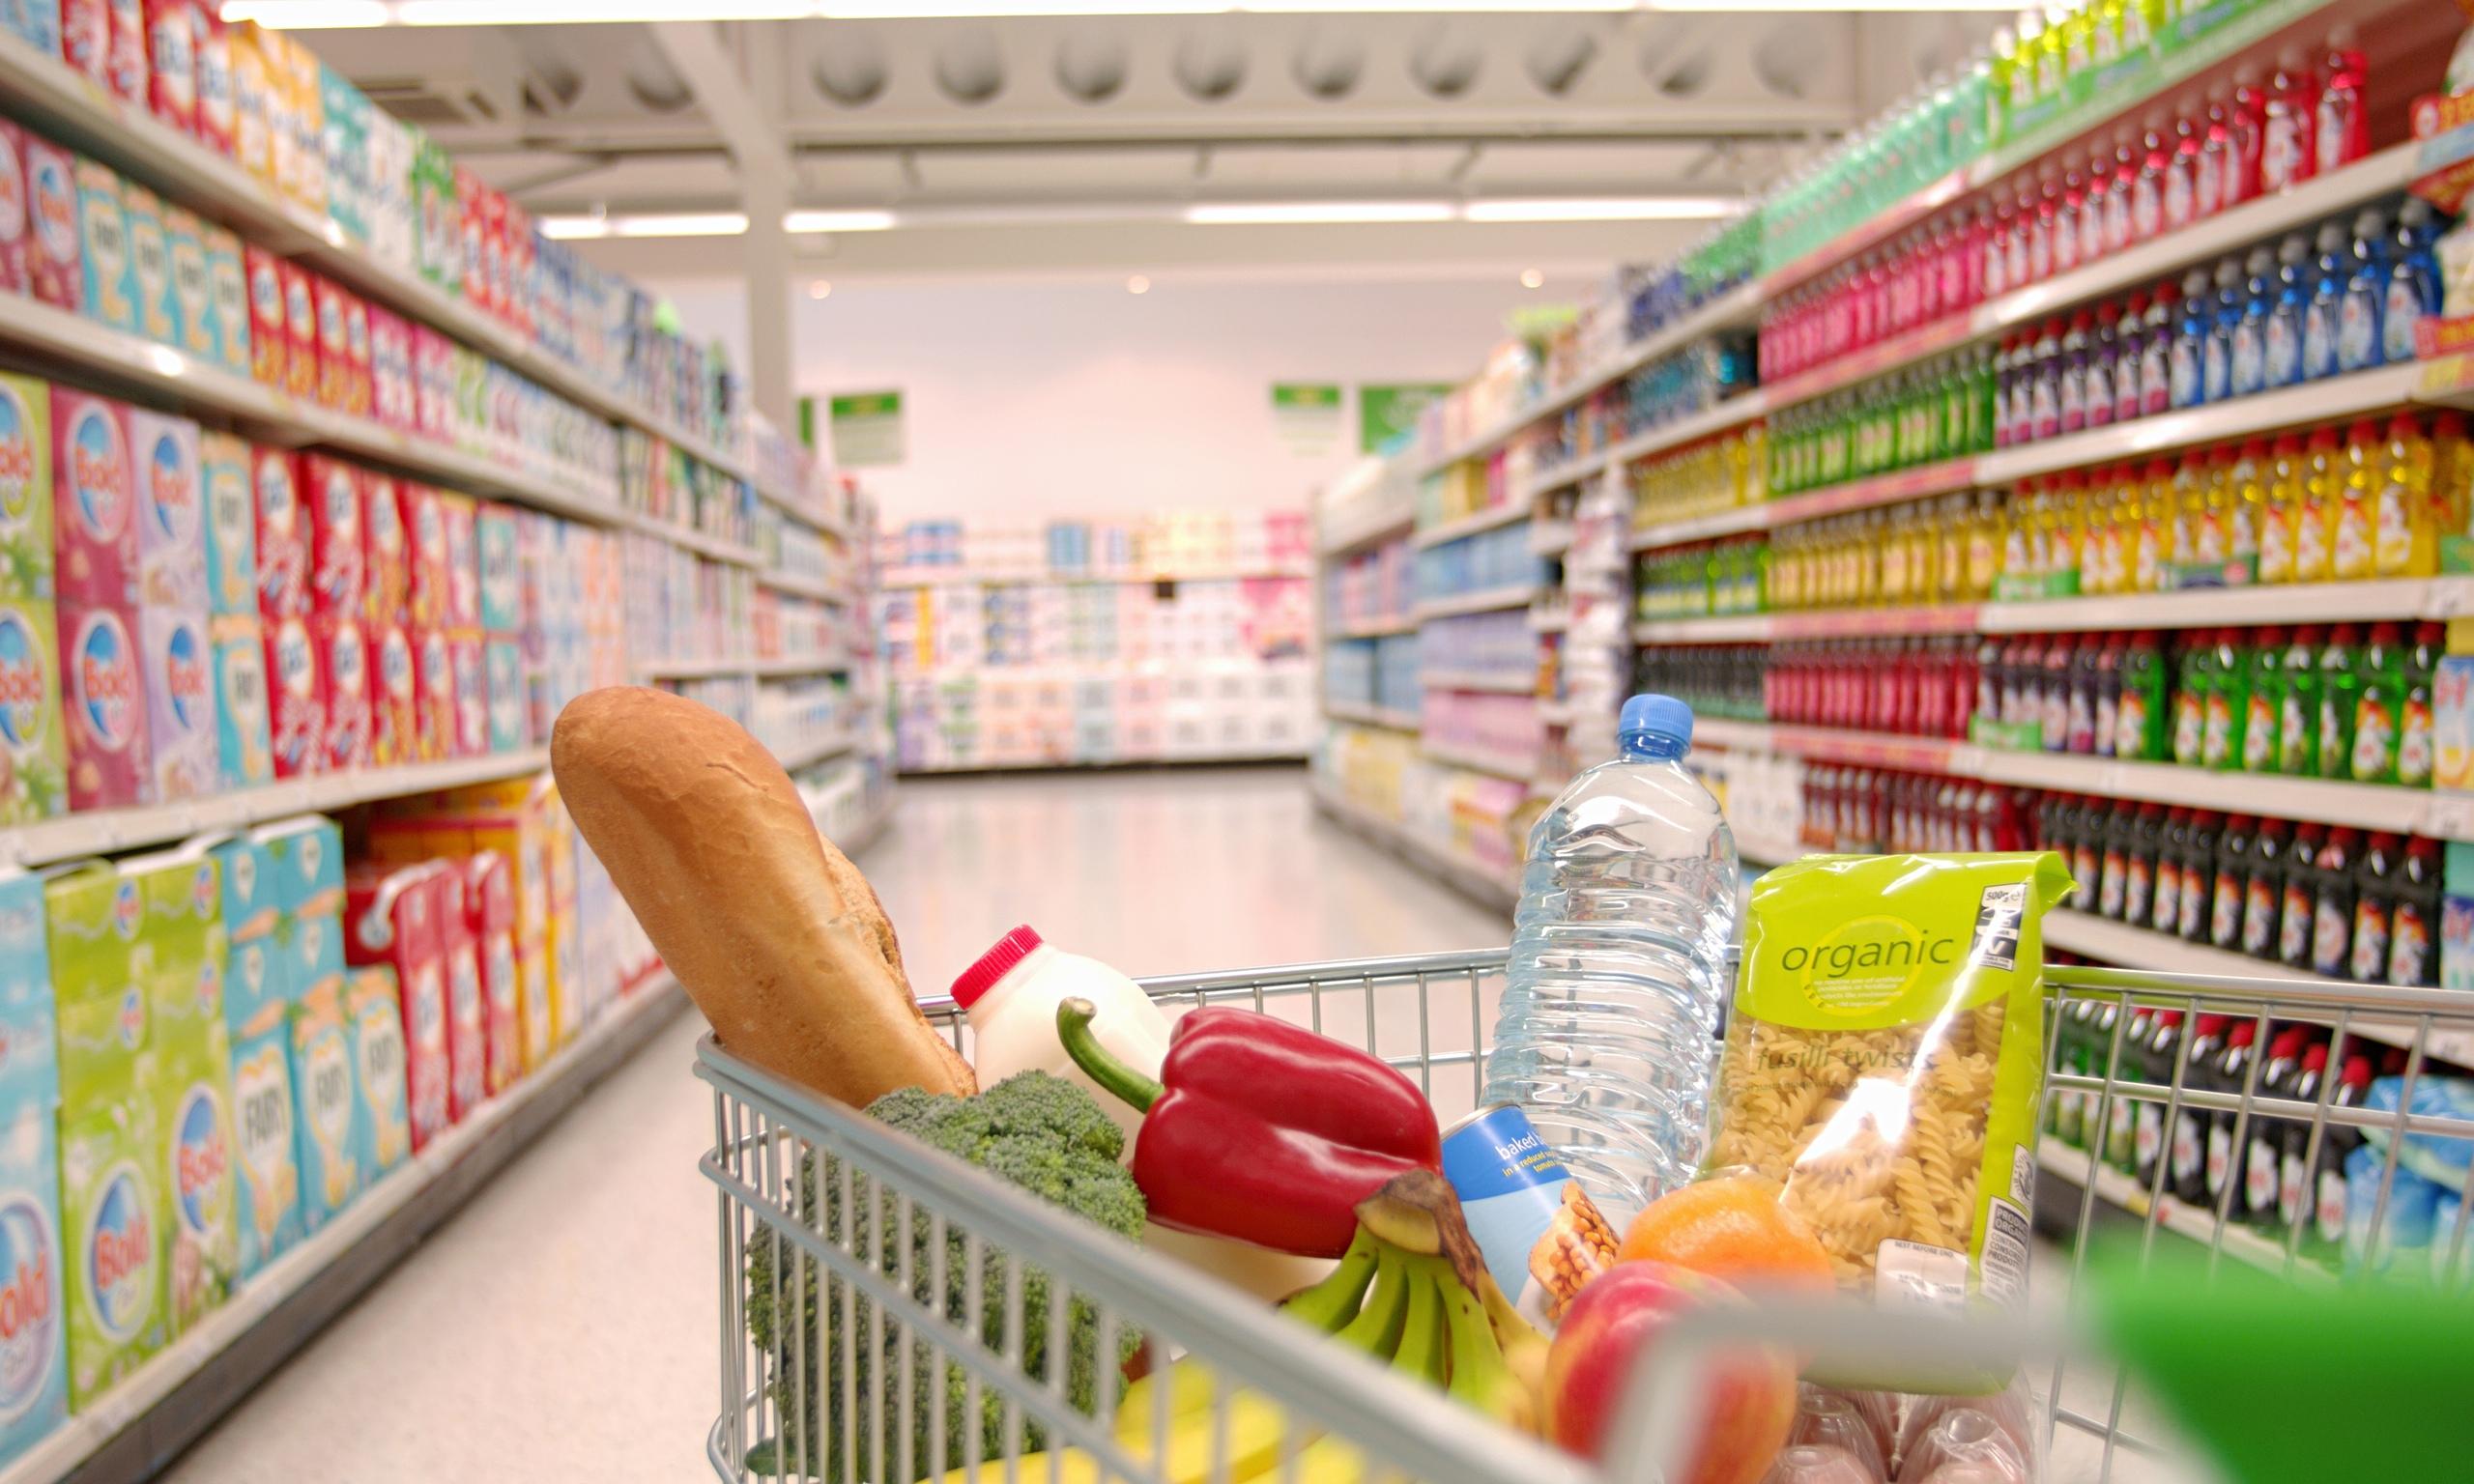 ΦΠΑ 13% σε τρόφιμα και εστίαση – Πού θα μειωθούν οι τιμές